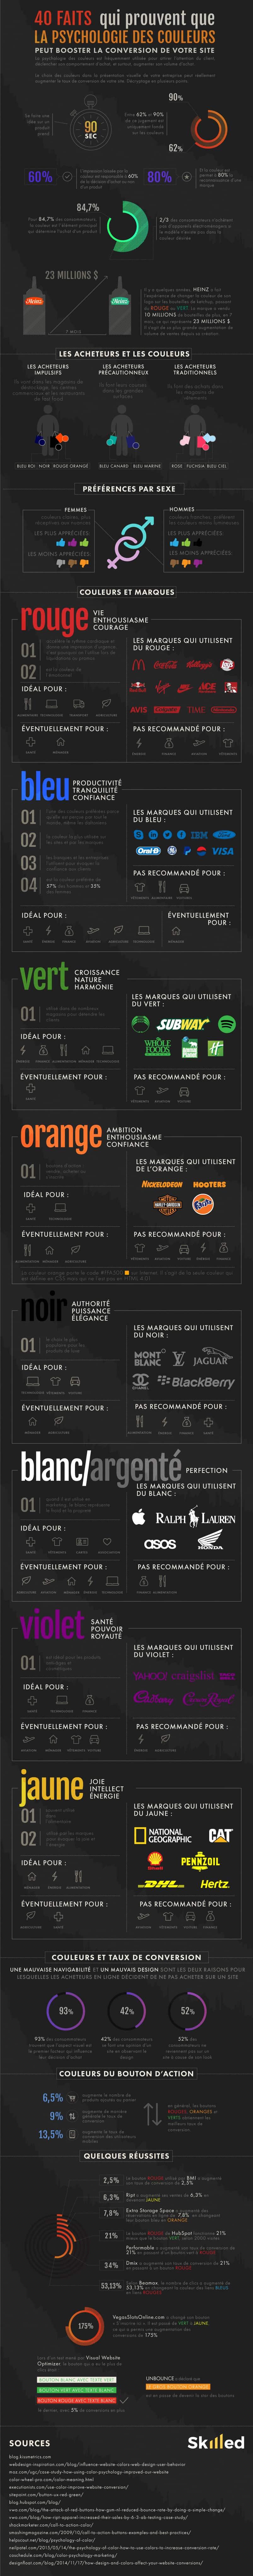 Infographie des couleurs